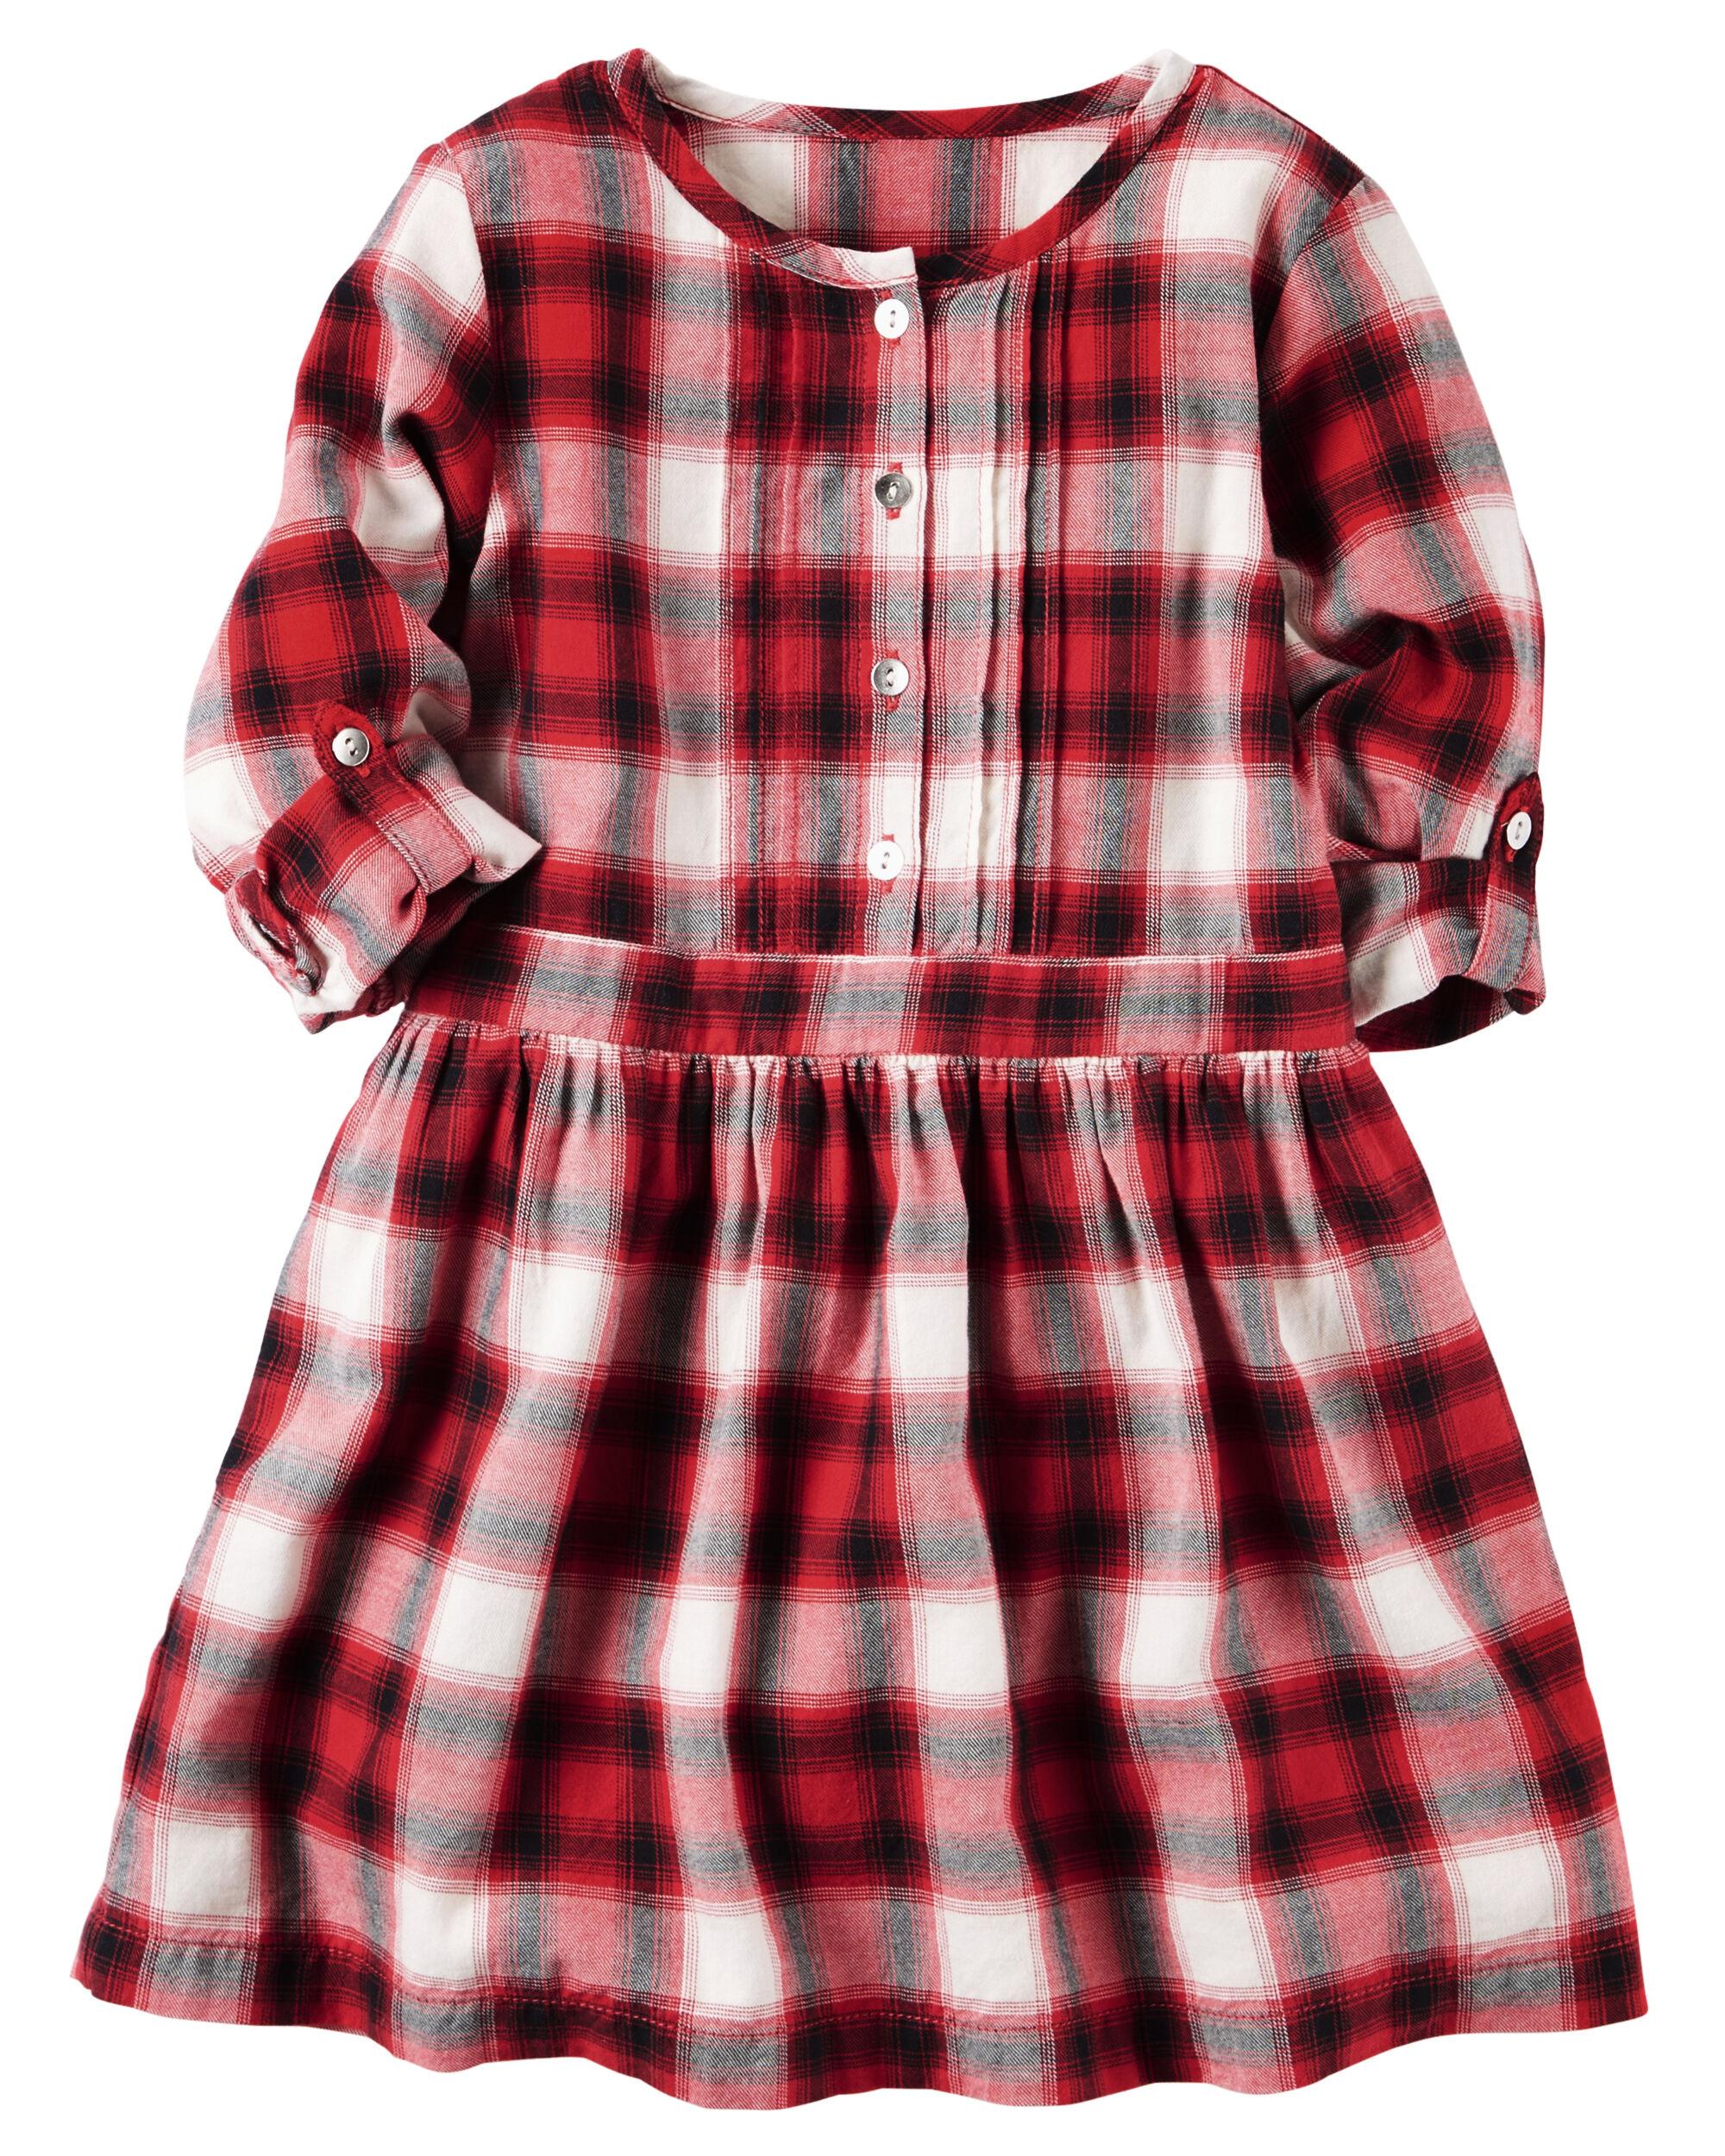 Plaid Shirt Dress Carters Com